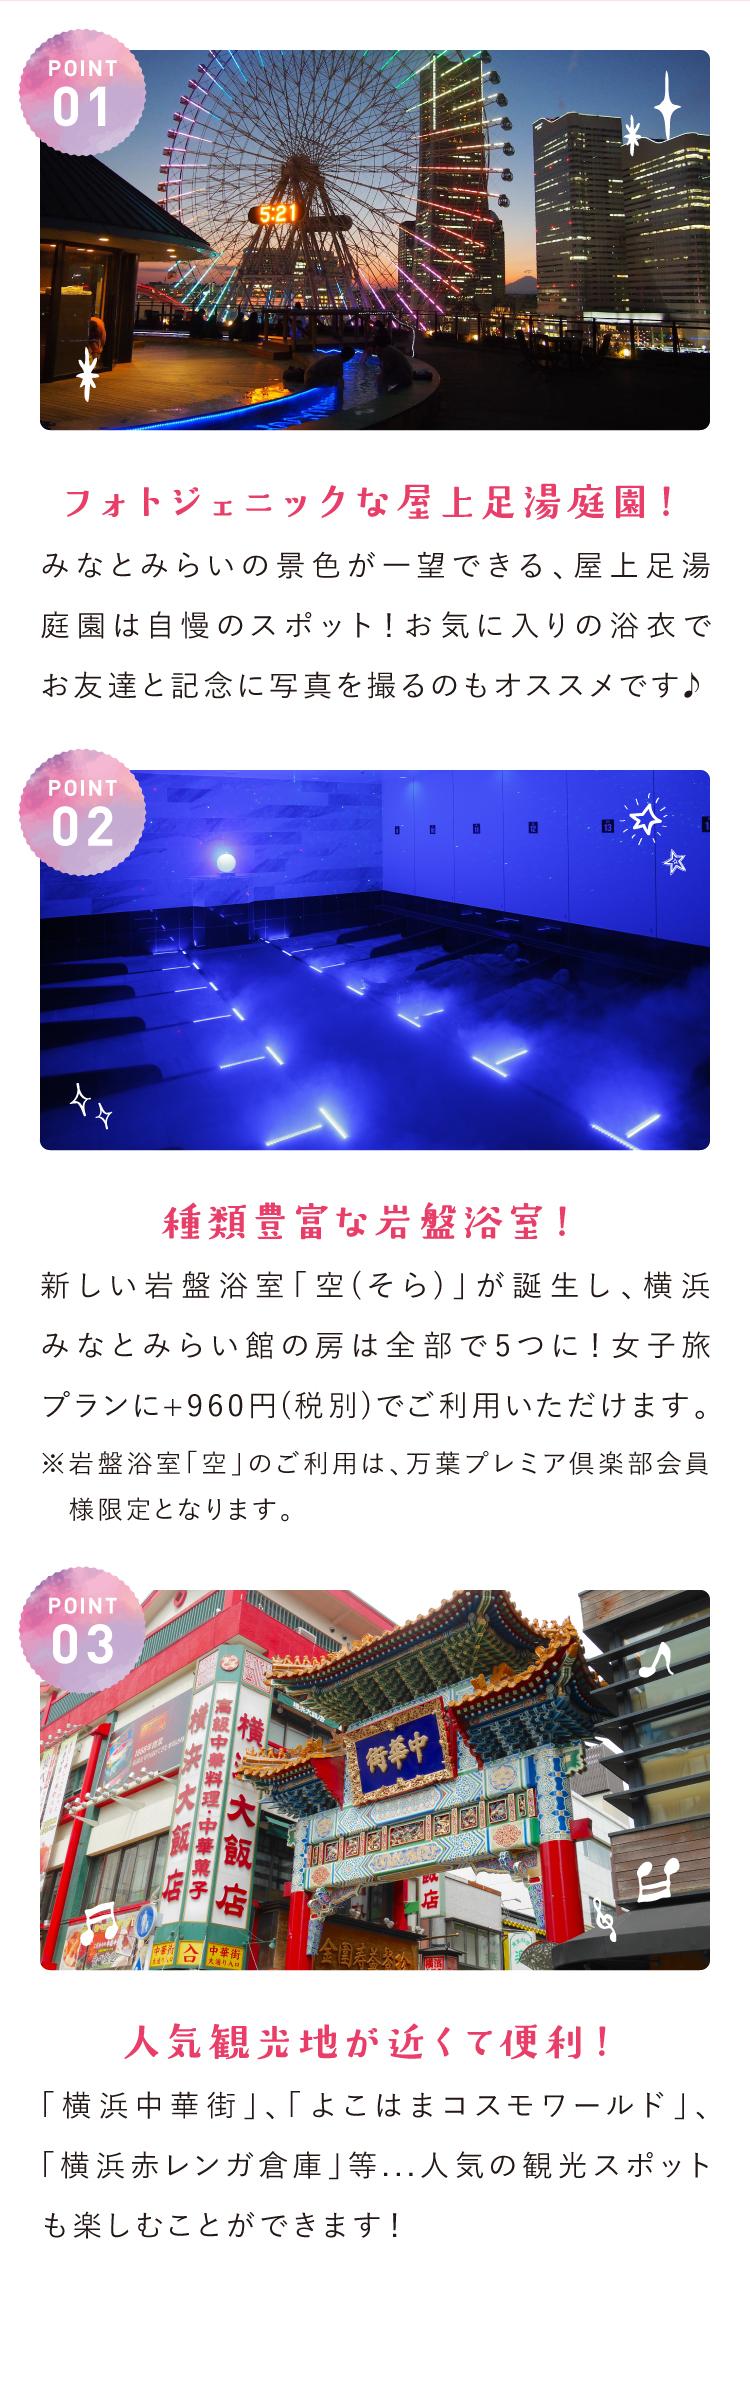 フォトジェニックな屋上足湯庭園、種類豊富な岩盤浴室、人気観光地